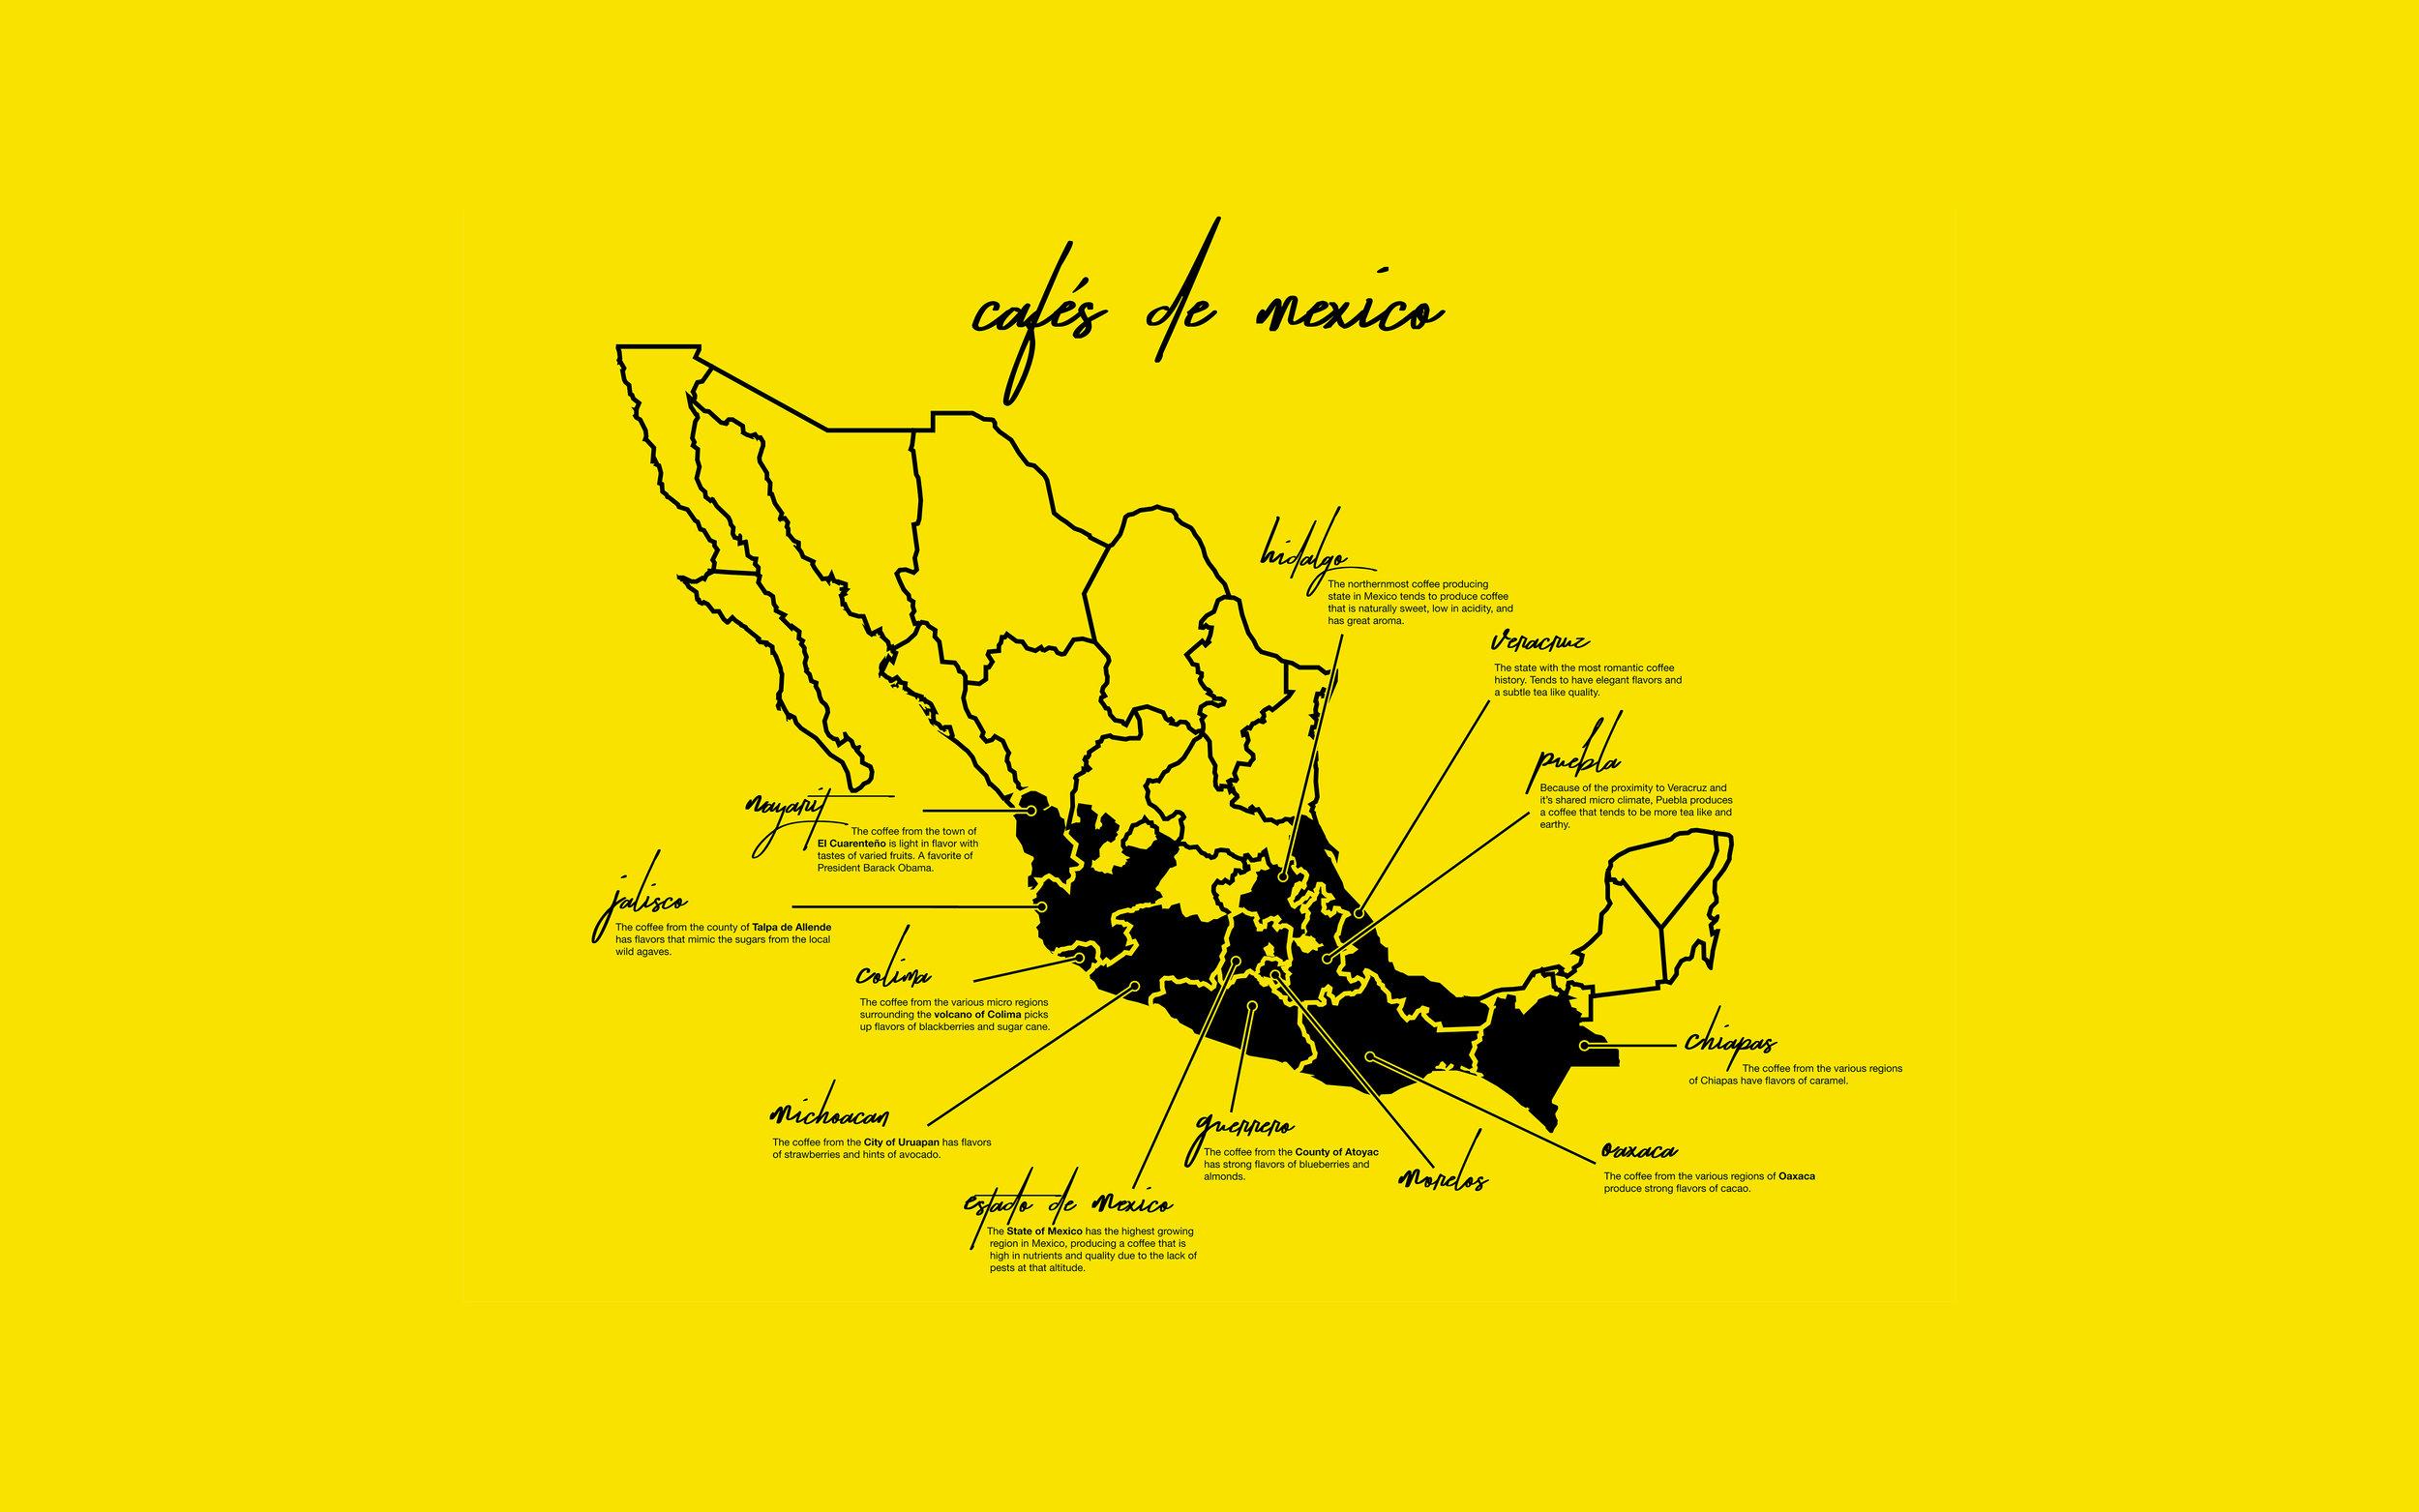 CAFÉS DE MEXICO